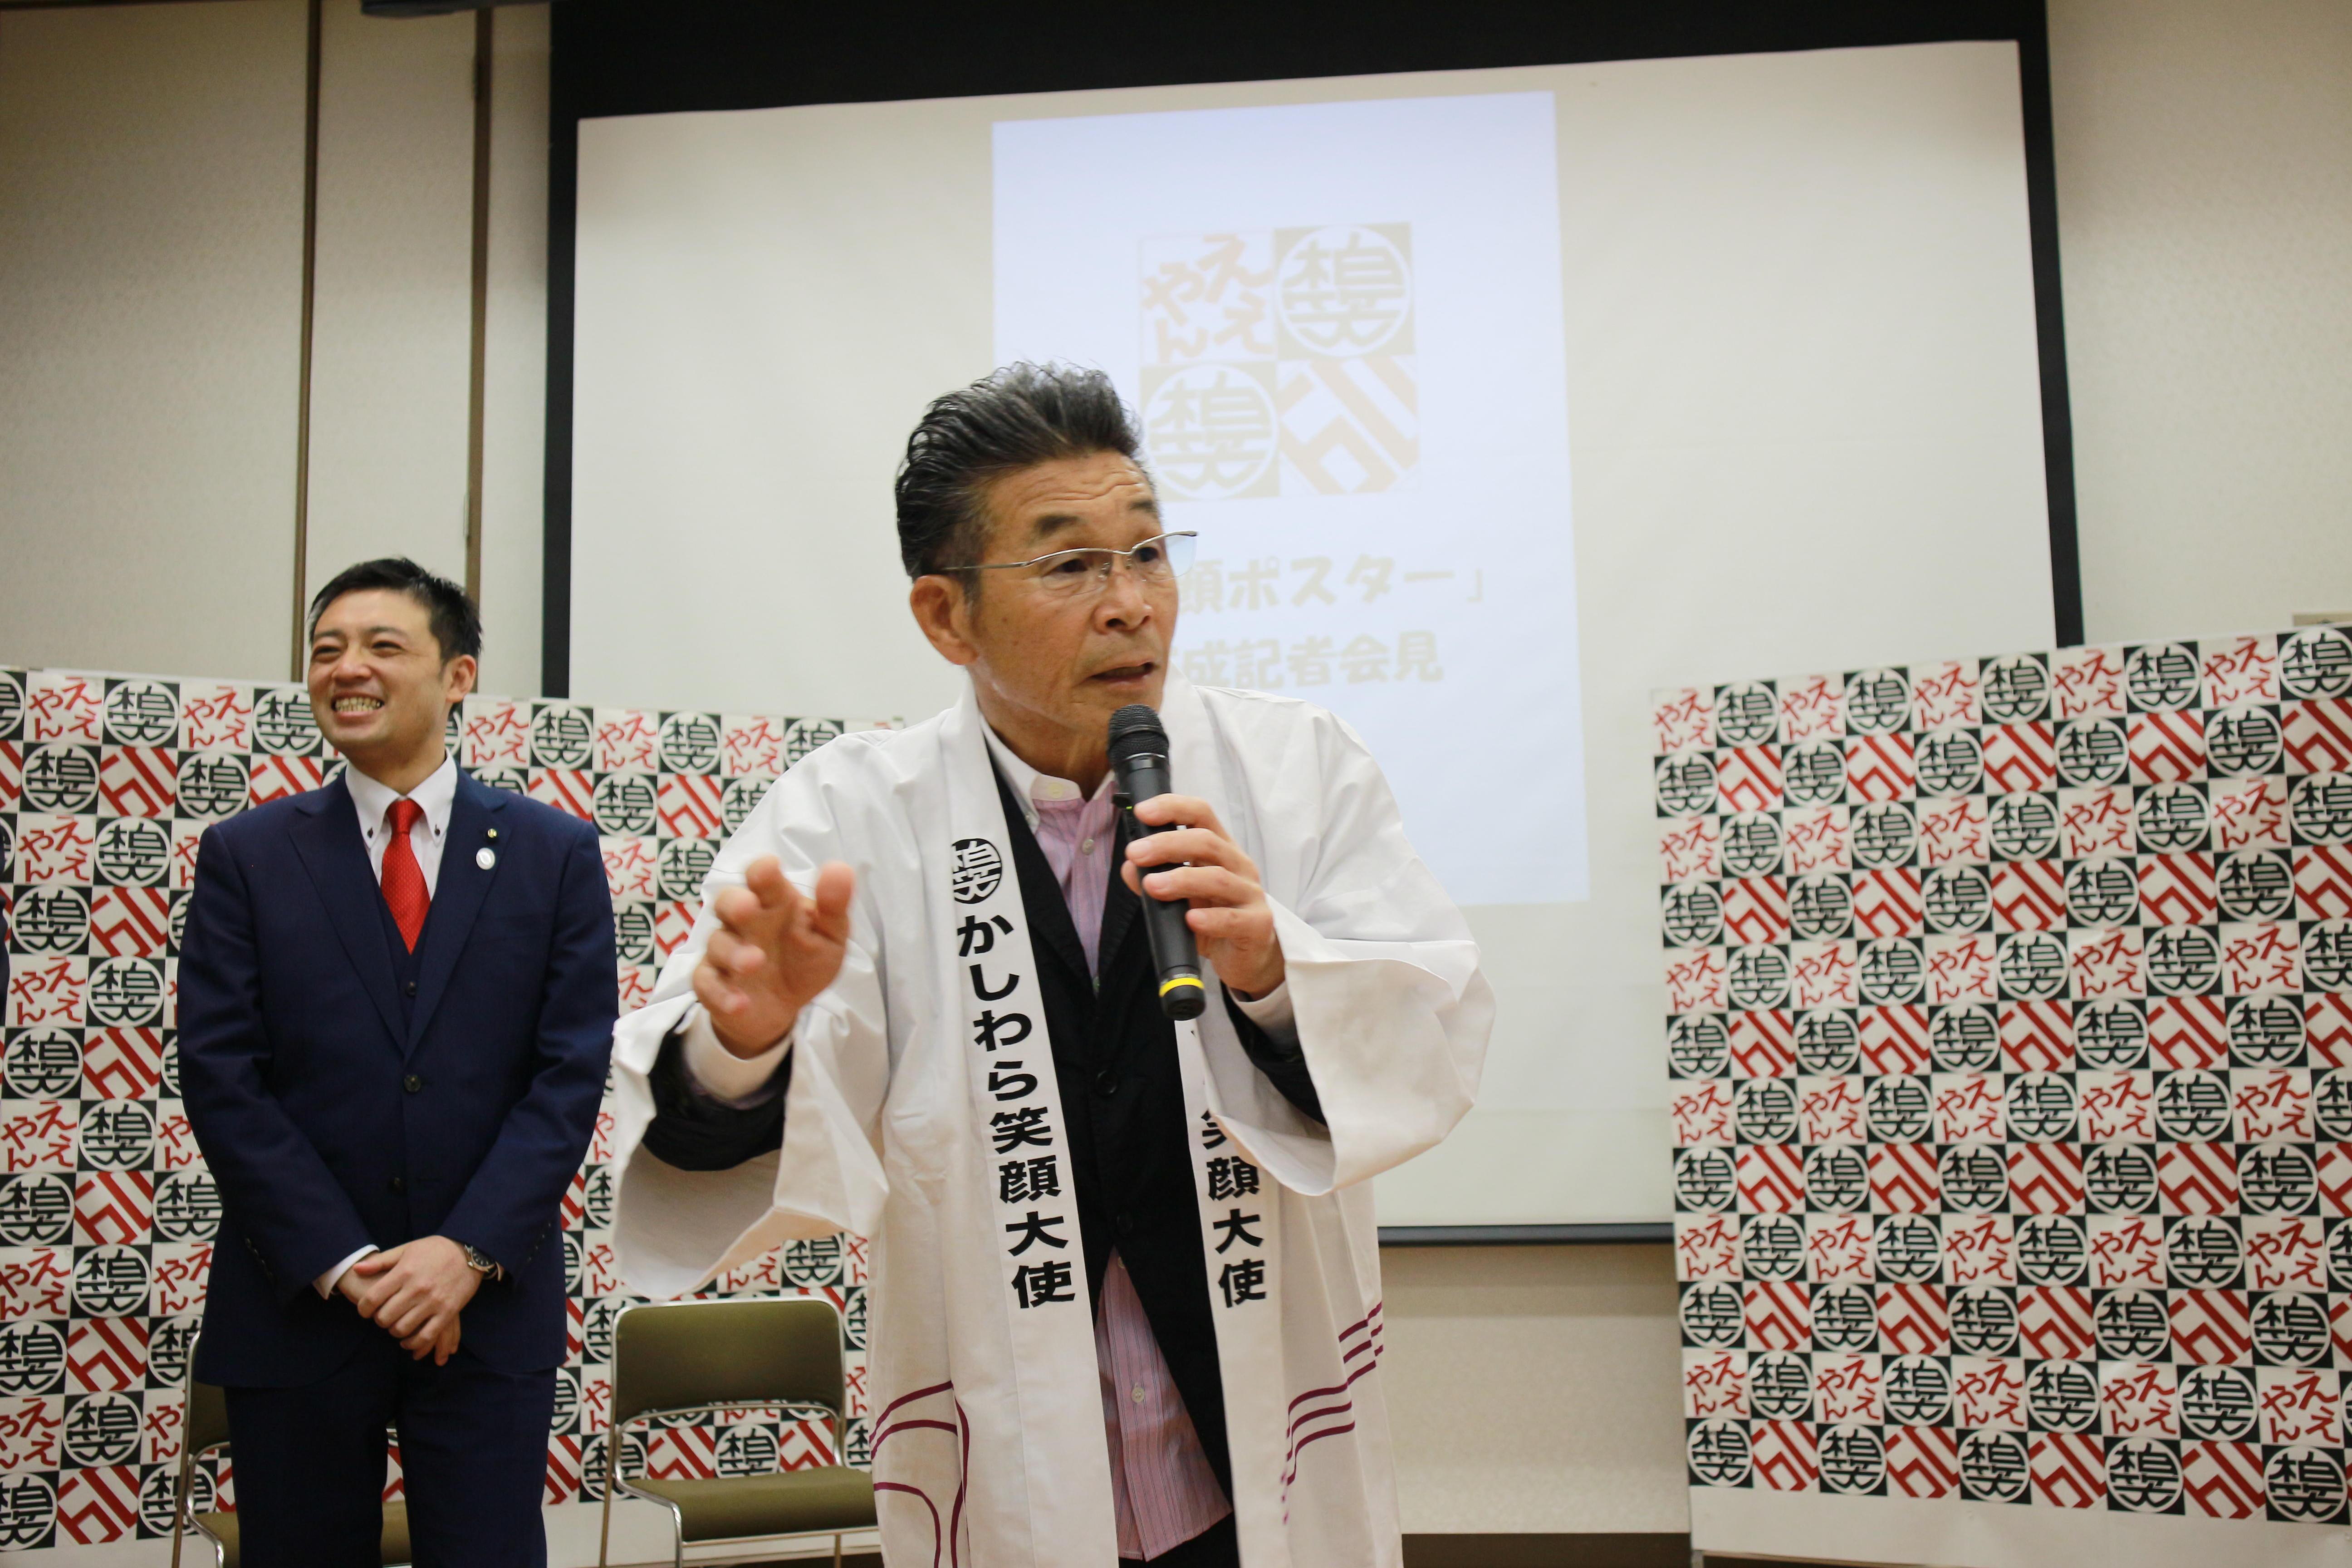 http://news.yoshimoto.co.jp/20180429224952-1ee7e5515abd4ebf82709c1babf19ad2cdf52075.jpg